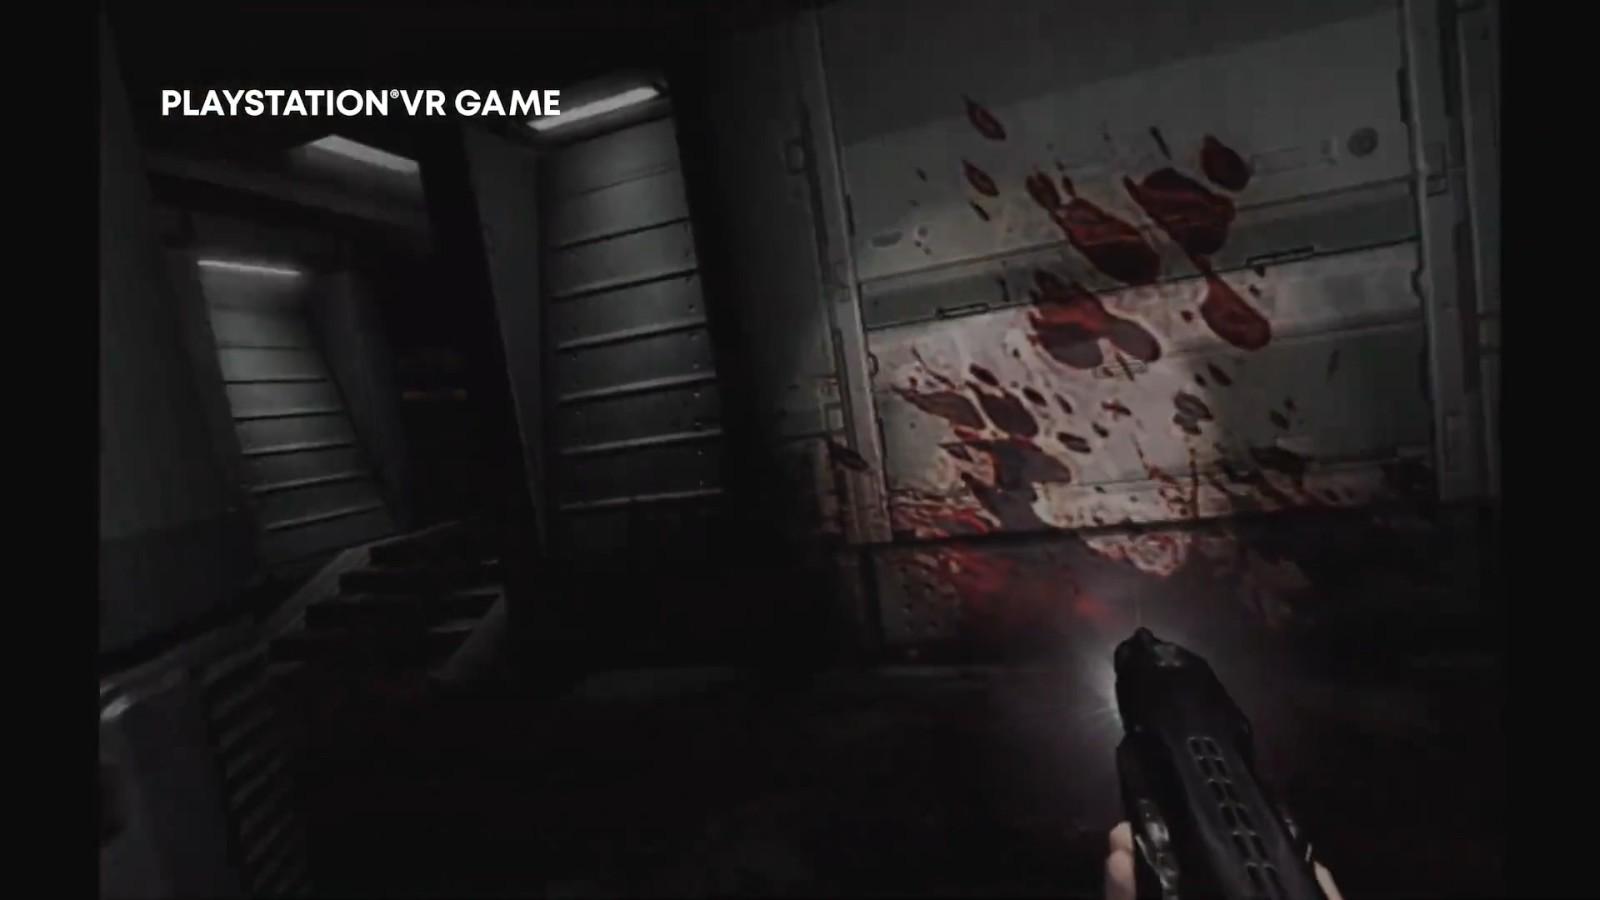 《毁灭战士3 VR版》公开 3月29日登陆PSVR